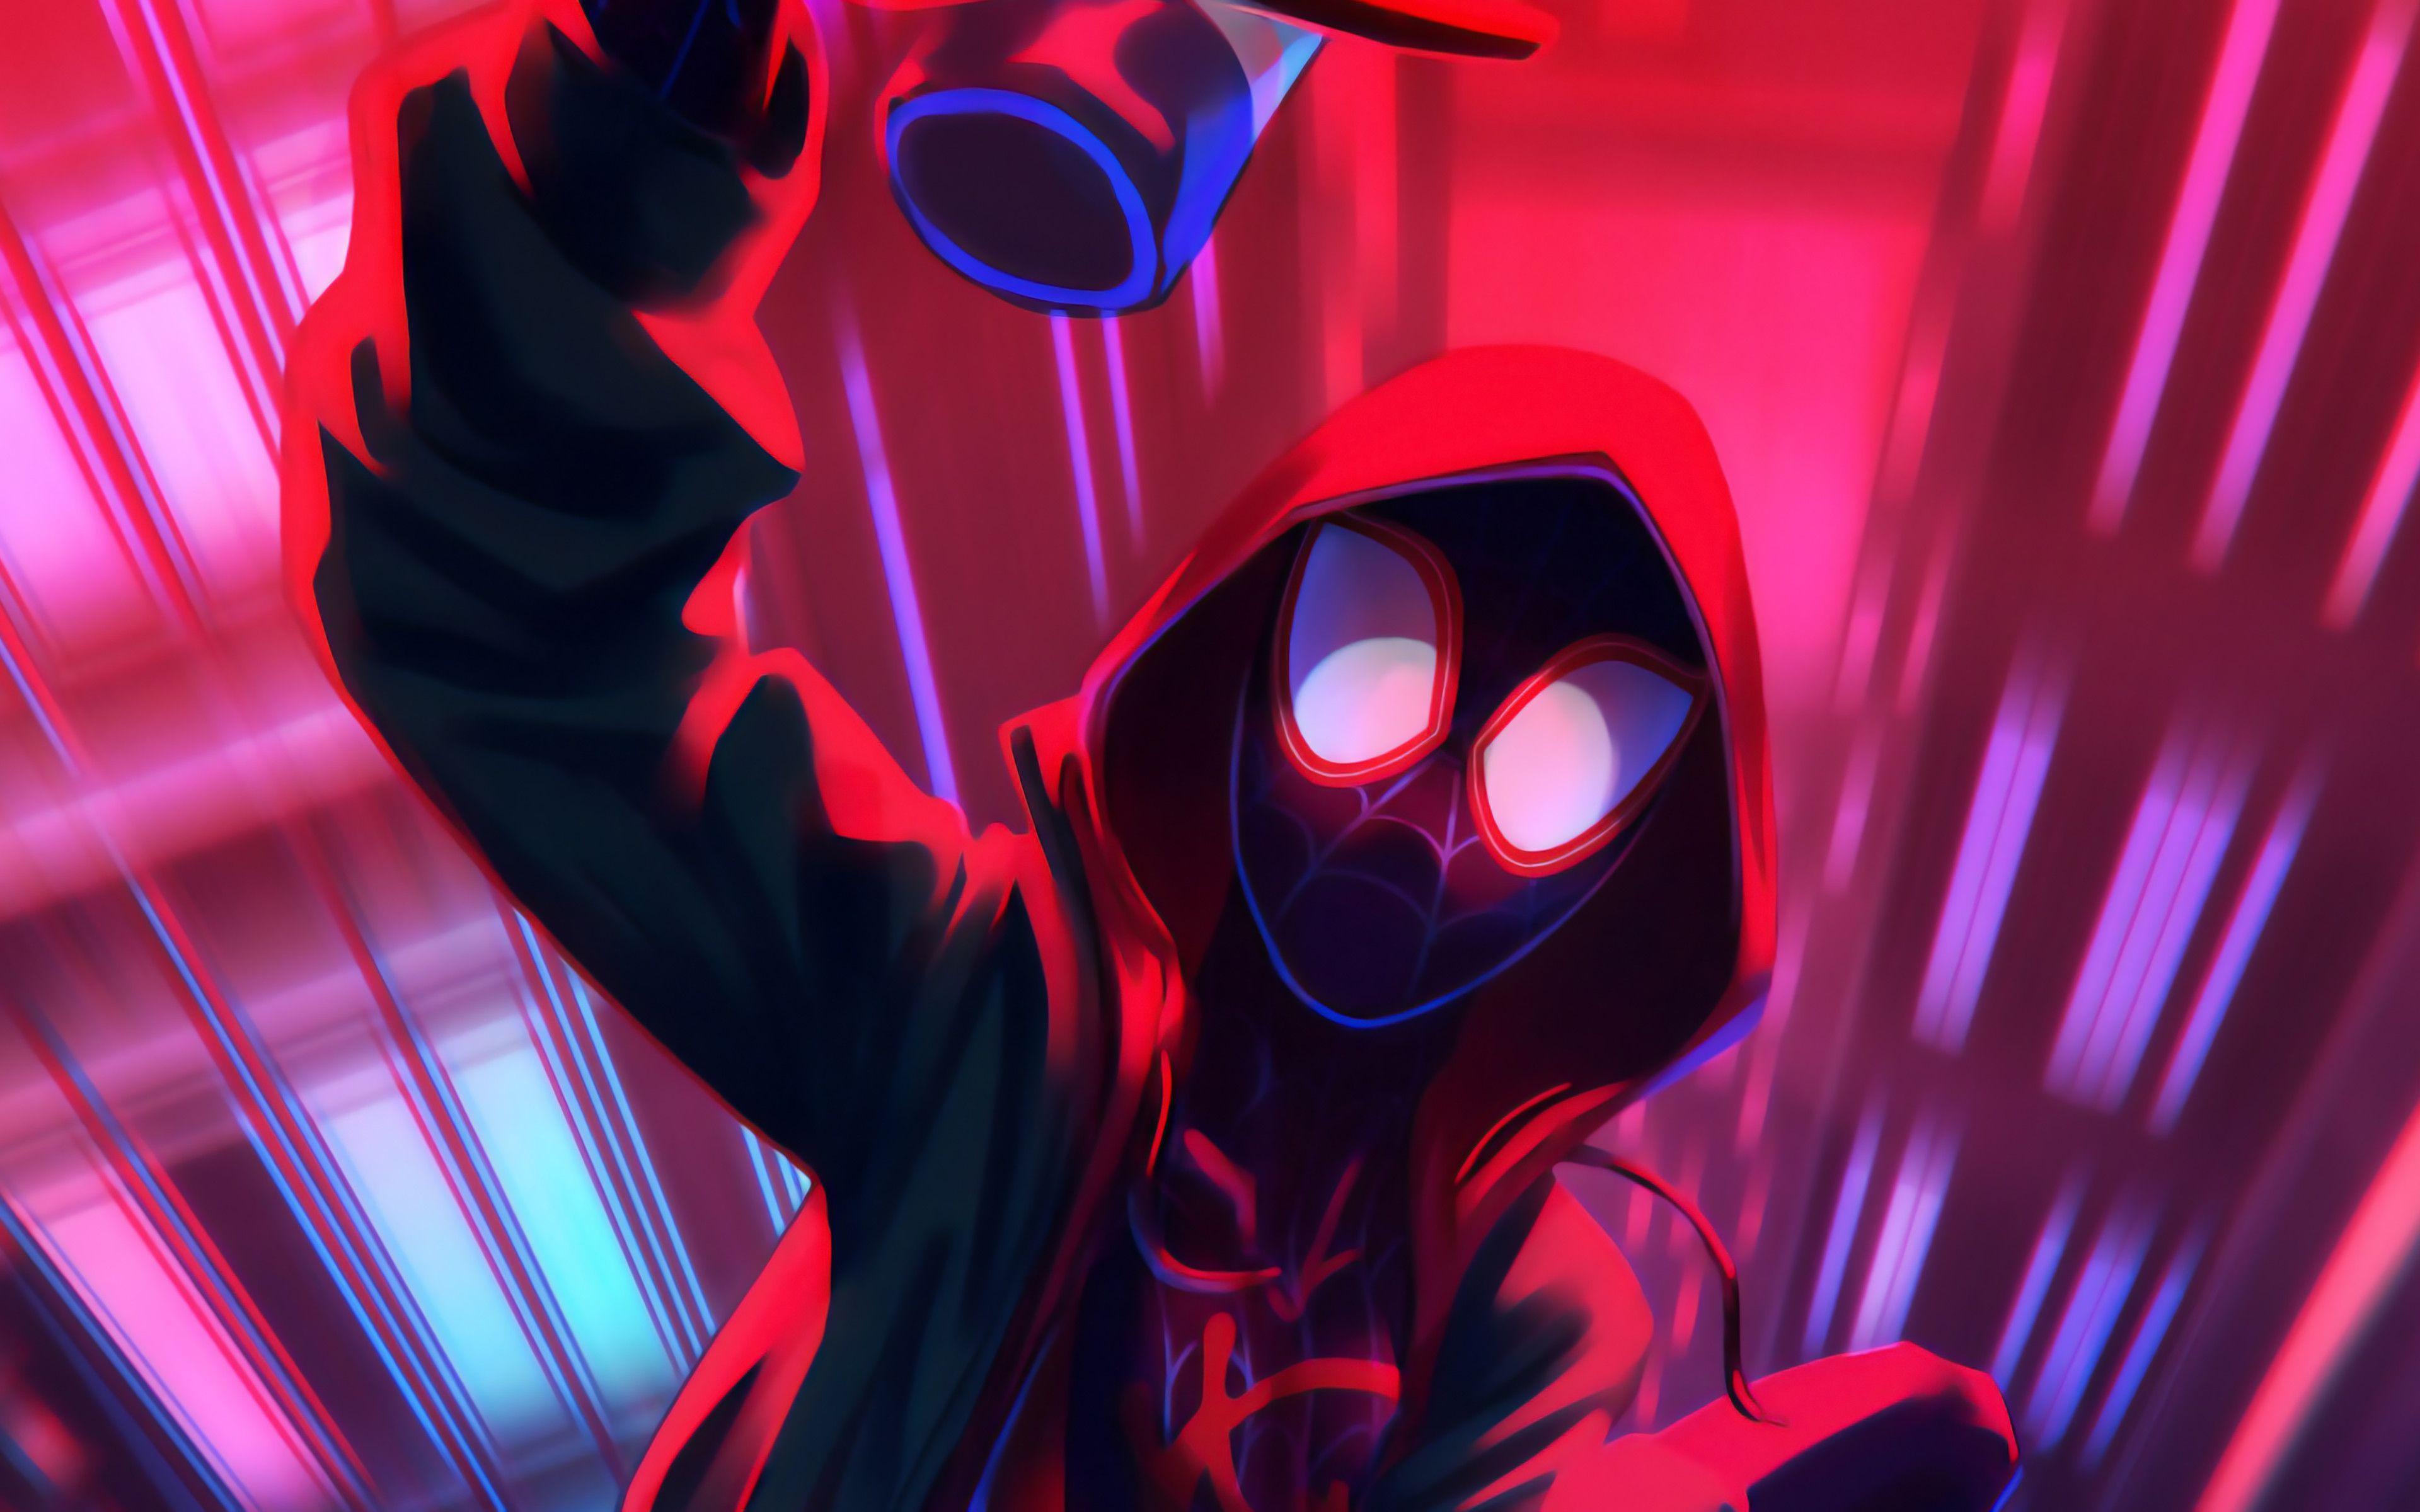 3840x2400 Whats Up The Danger Spiderman Hình nền 4k 4k HD 4k